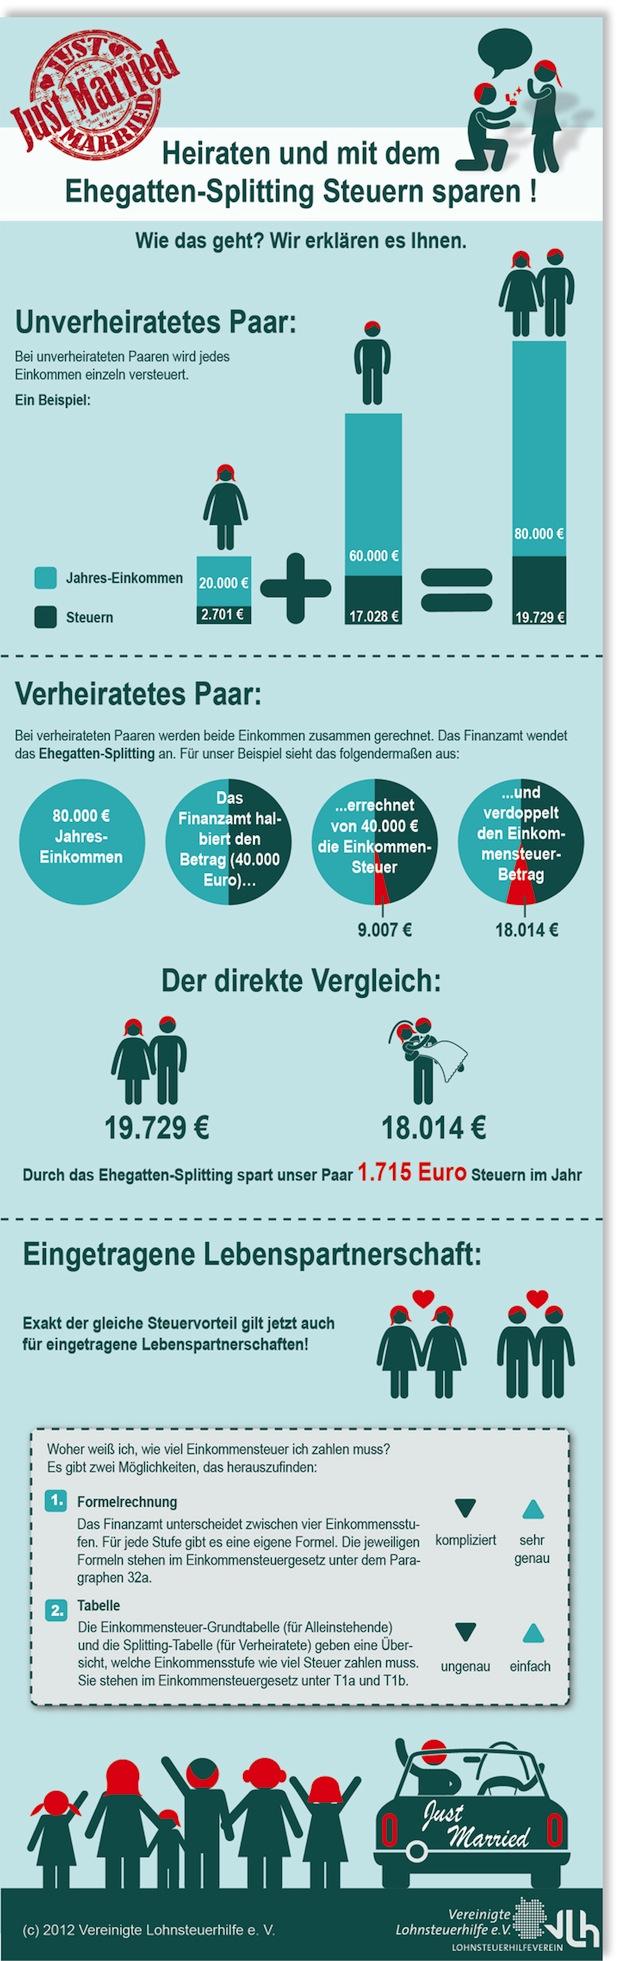 Photo of Ehepaare und Lebenspartner: Gehalt hat sich geändert? Rechtzeitig Steuerklasse wechseln!